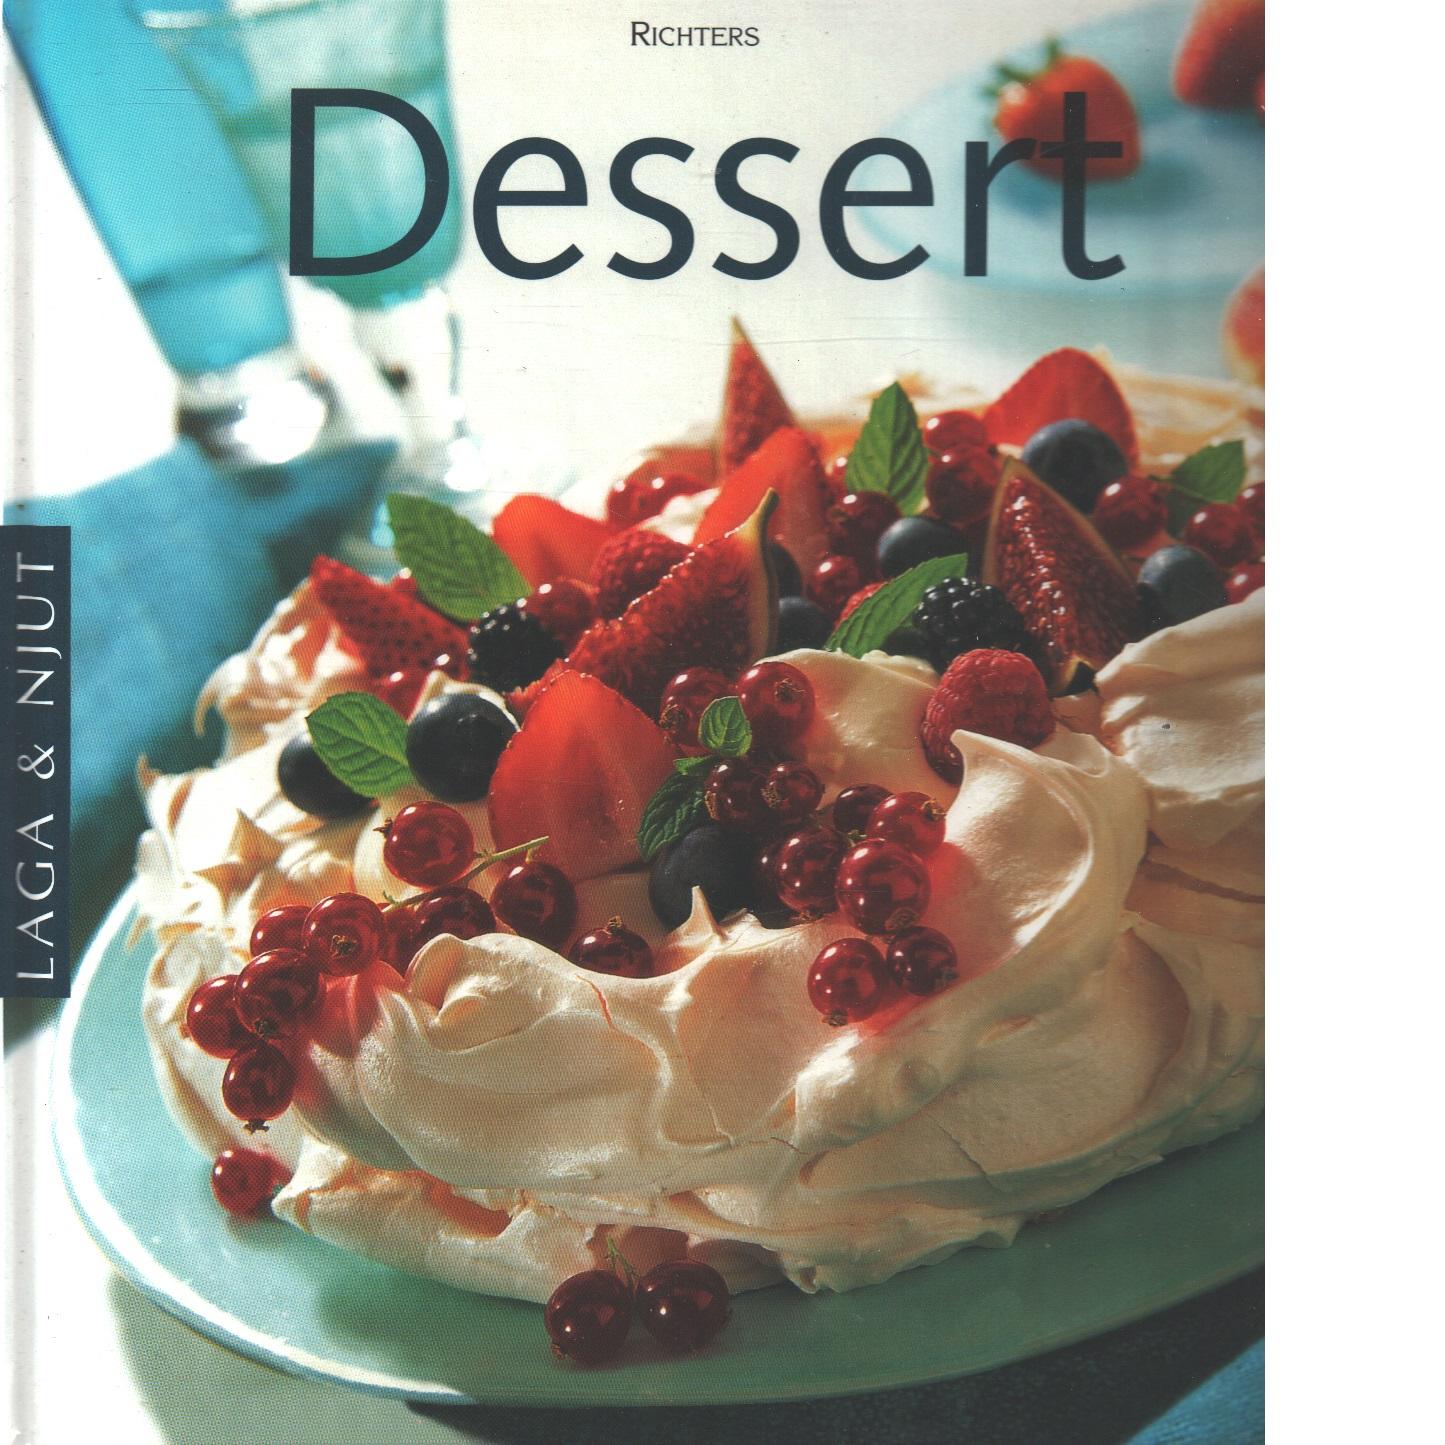 Dessert - Baskerville, Hannah